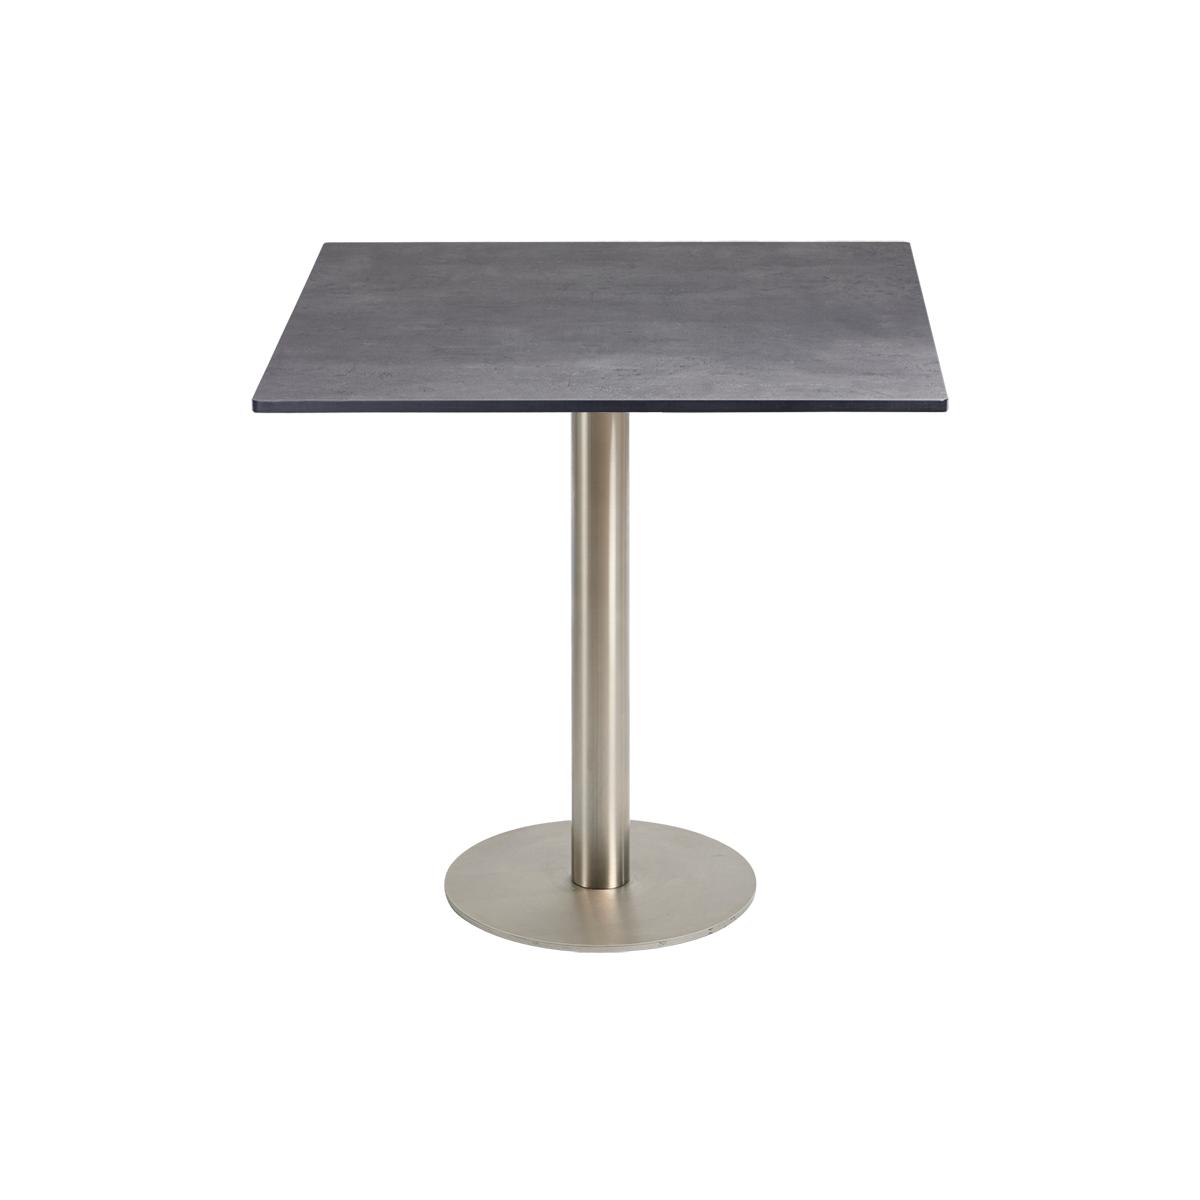 dieeventausstatter Sitztisch Modern Platte outdoor Beton eckig